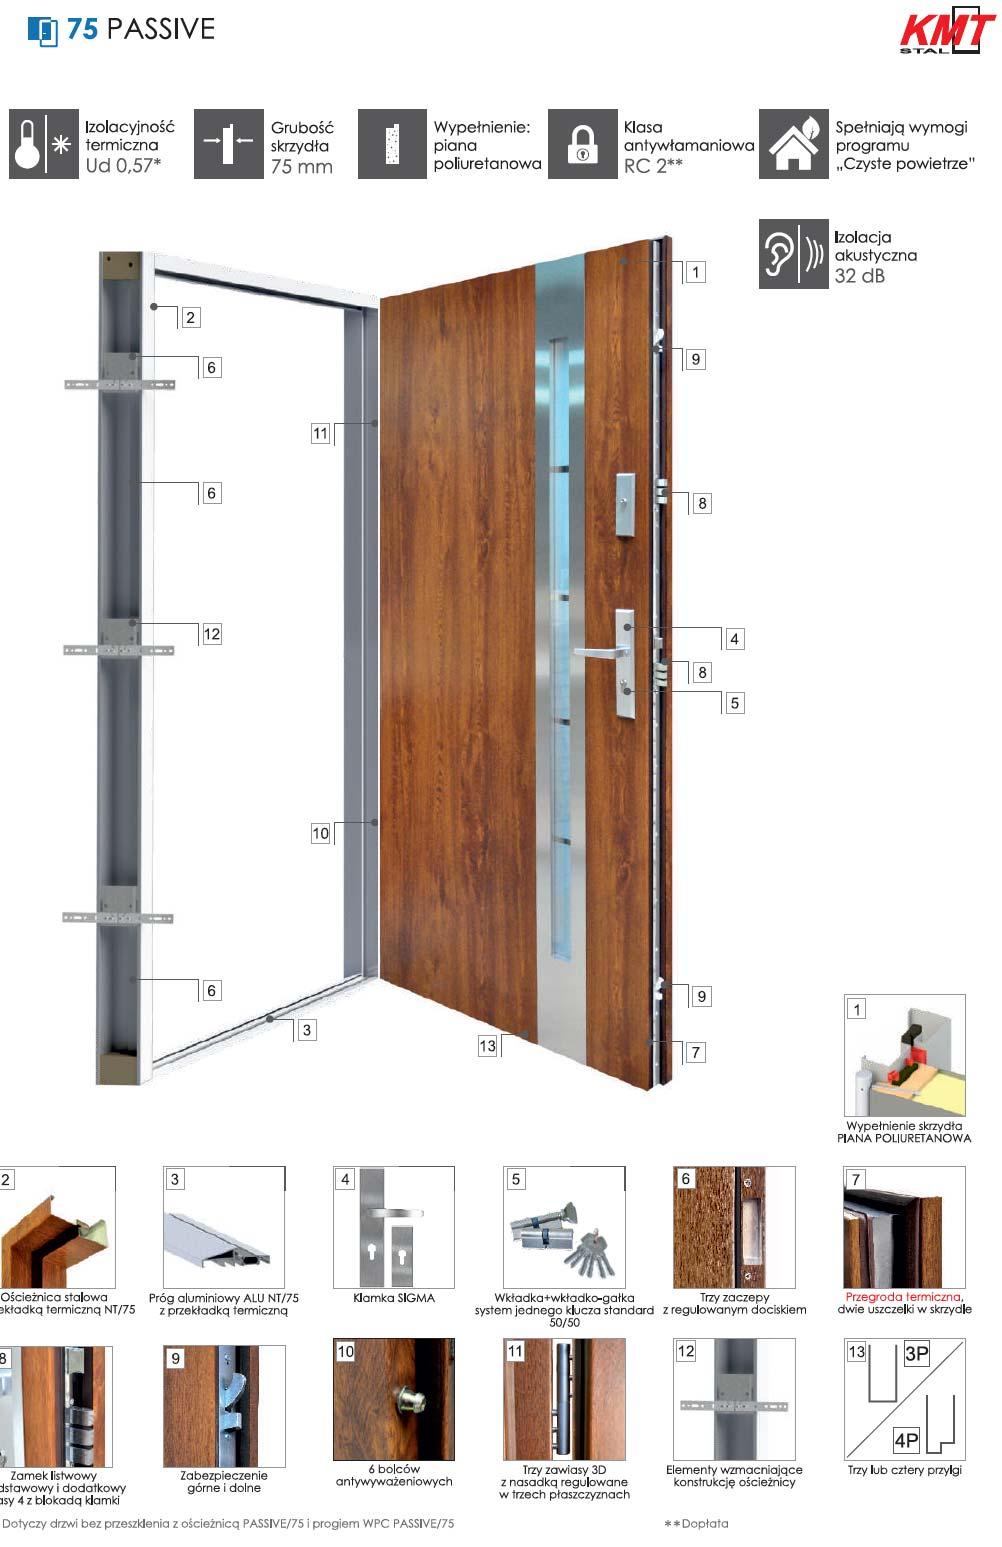 drzwi-kmt-plus75-passive-schemat